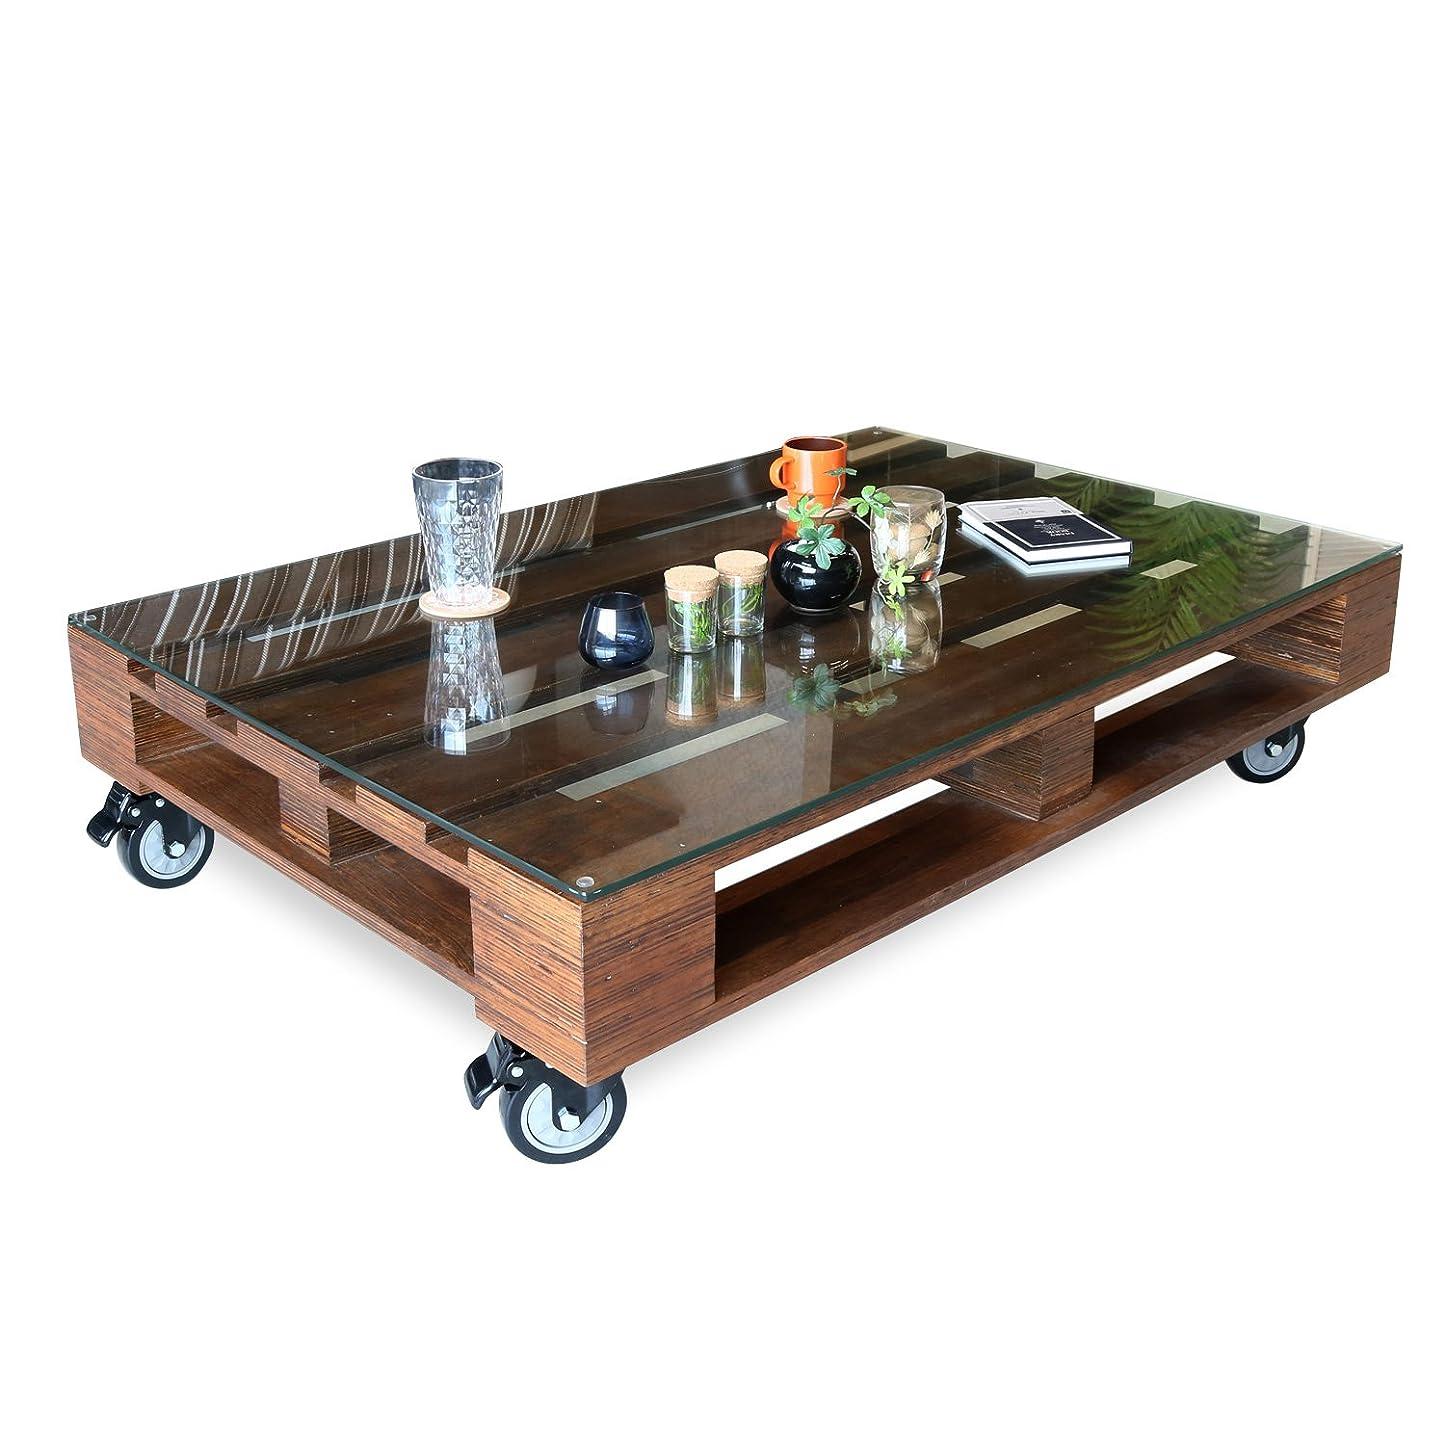 警告深さ百科事典ヴィンテージ風 センターテーブル 120 Adore アドア ガラス テーブル キャスター キャスター付き アンティーク レトロ 北欧 ロータイプ 低め リビングテーブル 木製 天然木 桐 パレット ローテーブル おしゃれ 選択,ブラウン